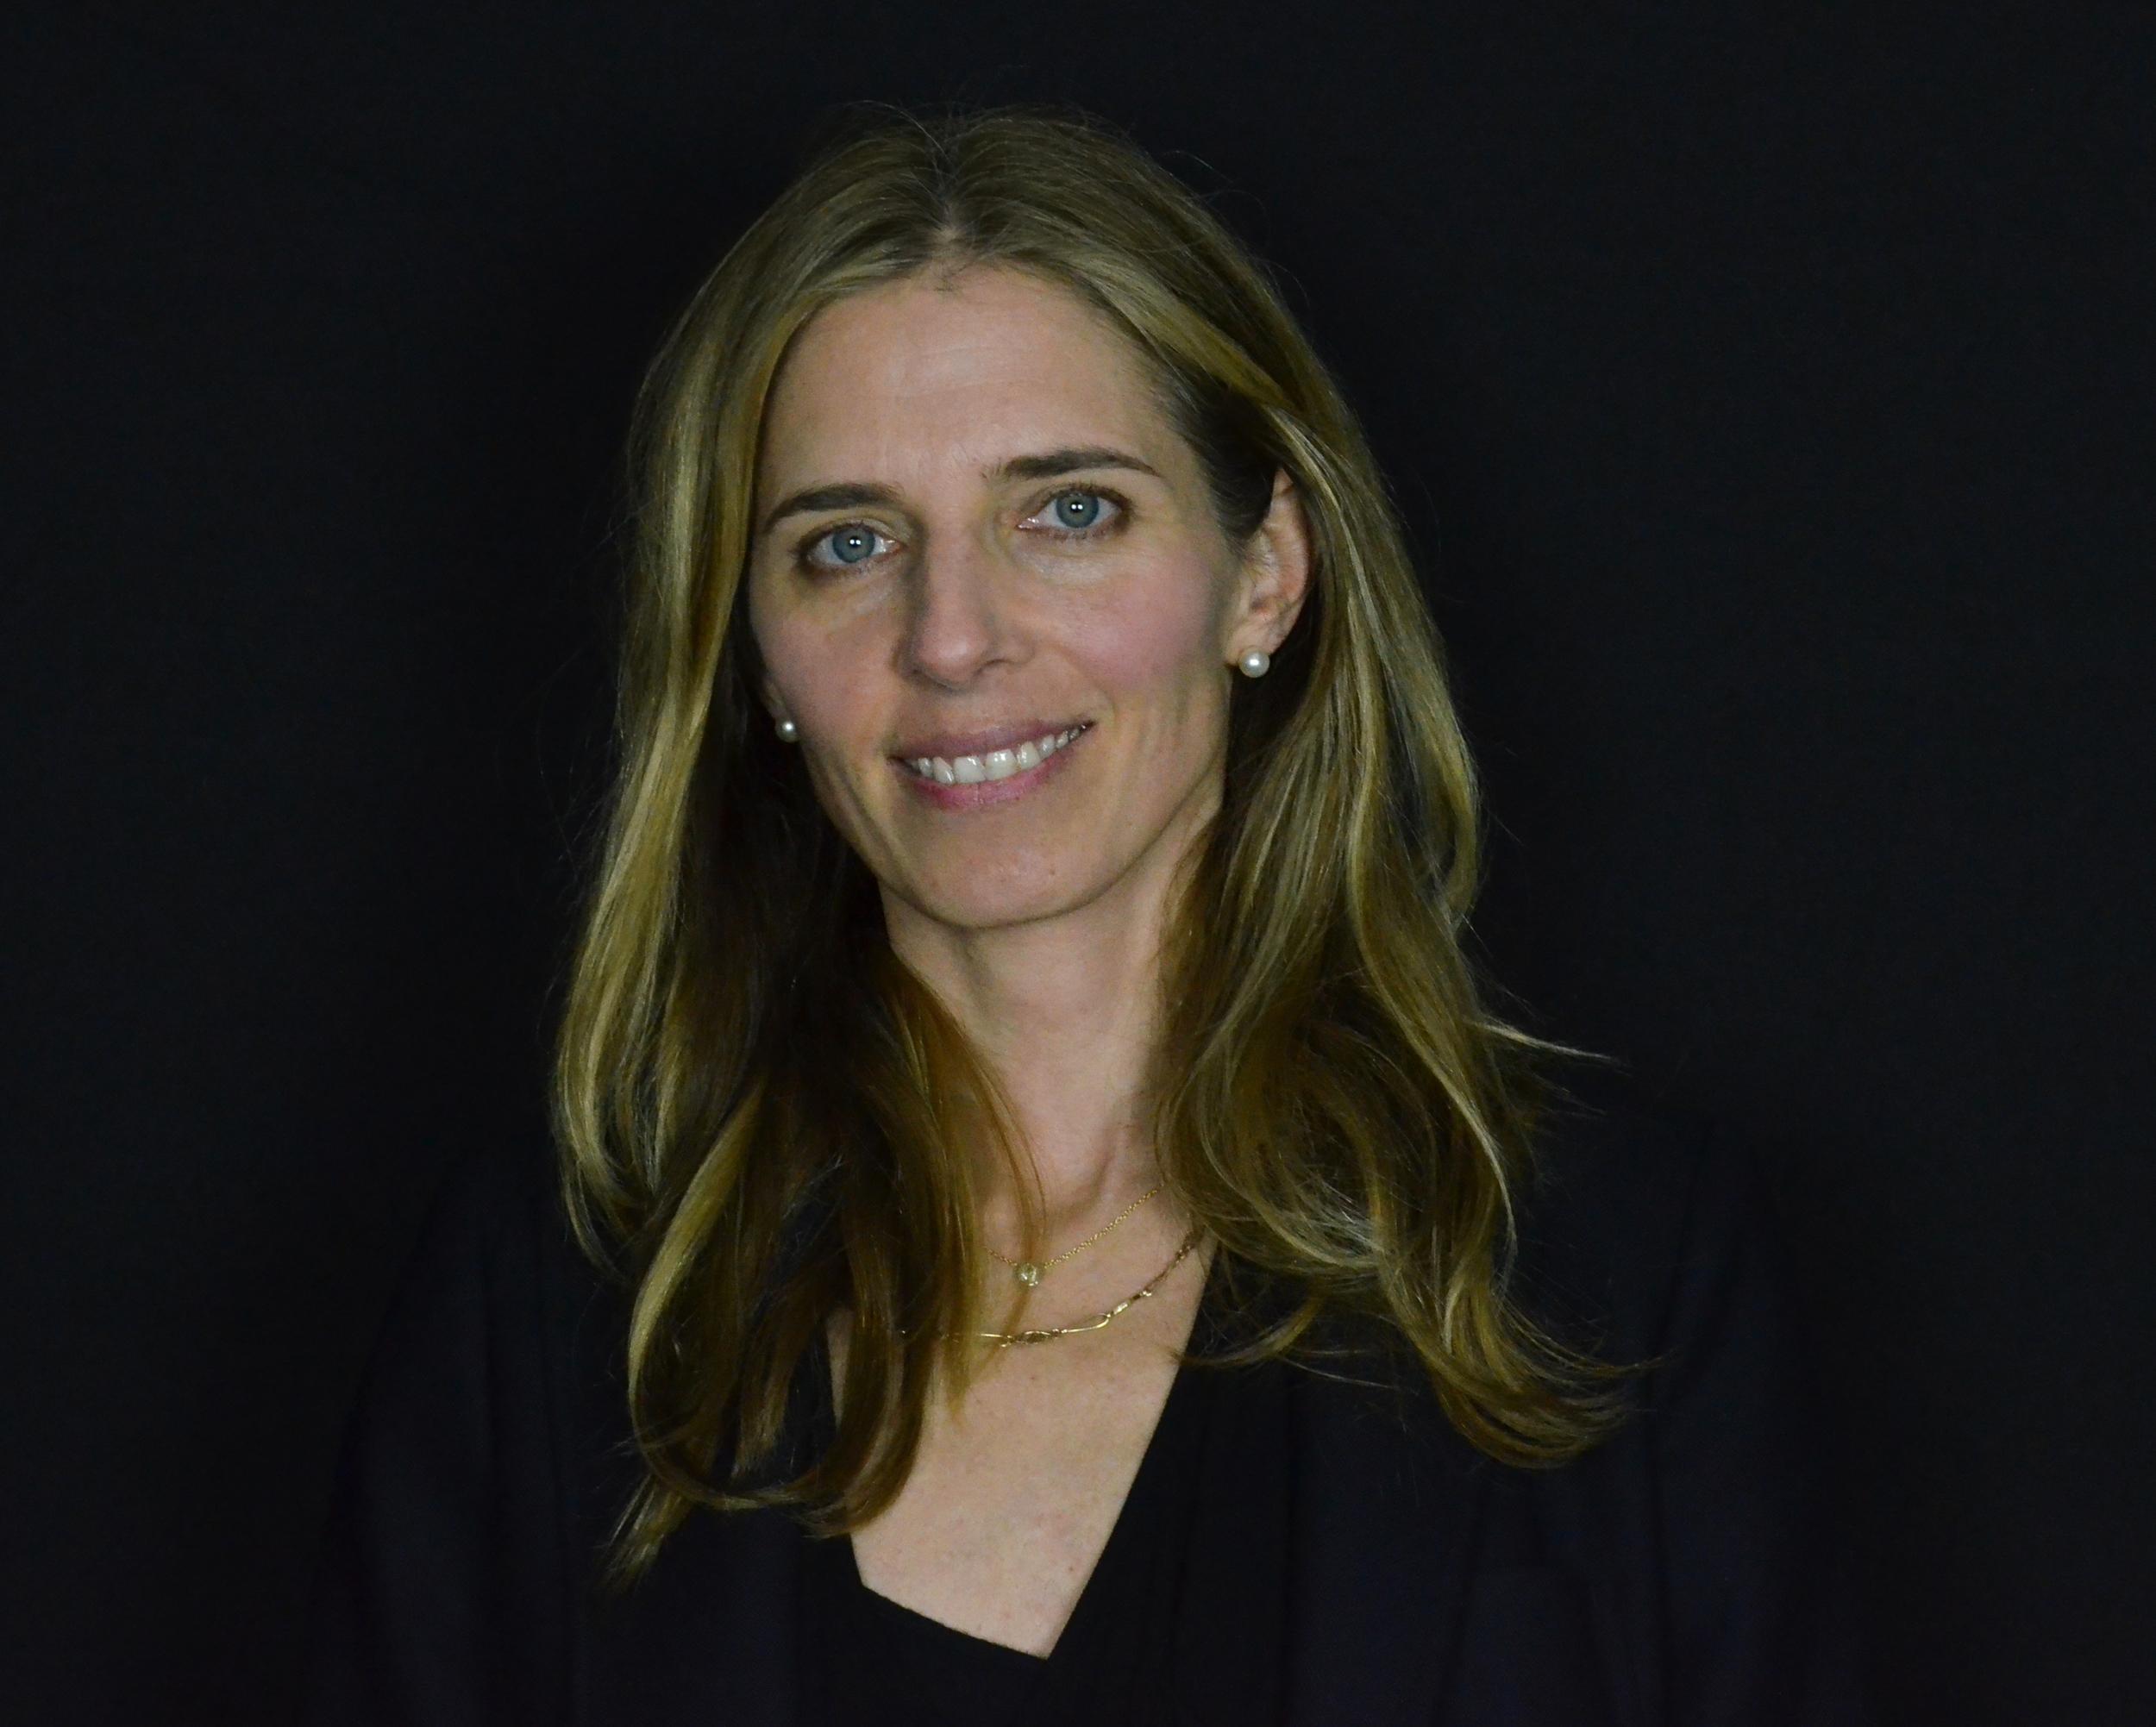 Stephanie Layden